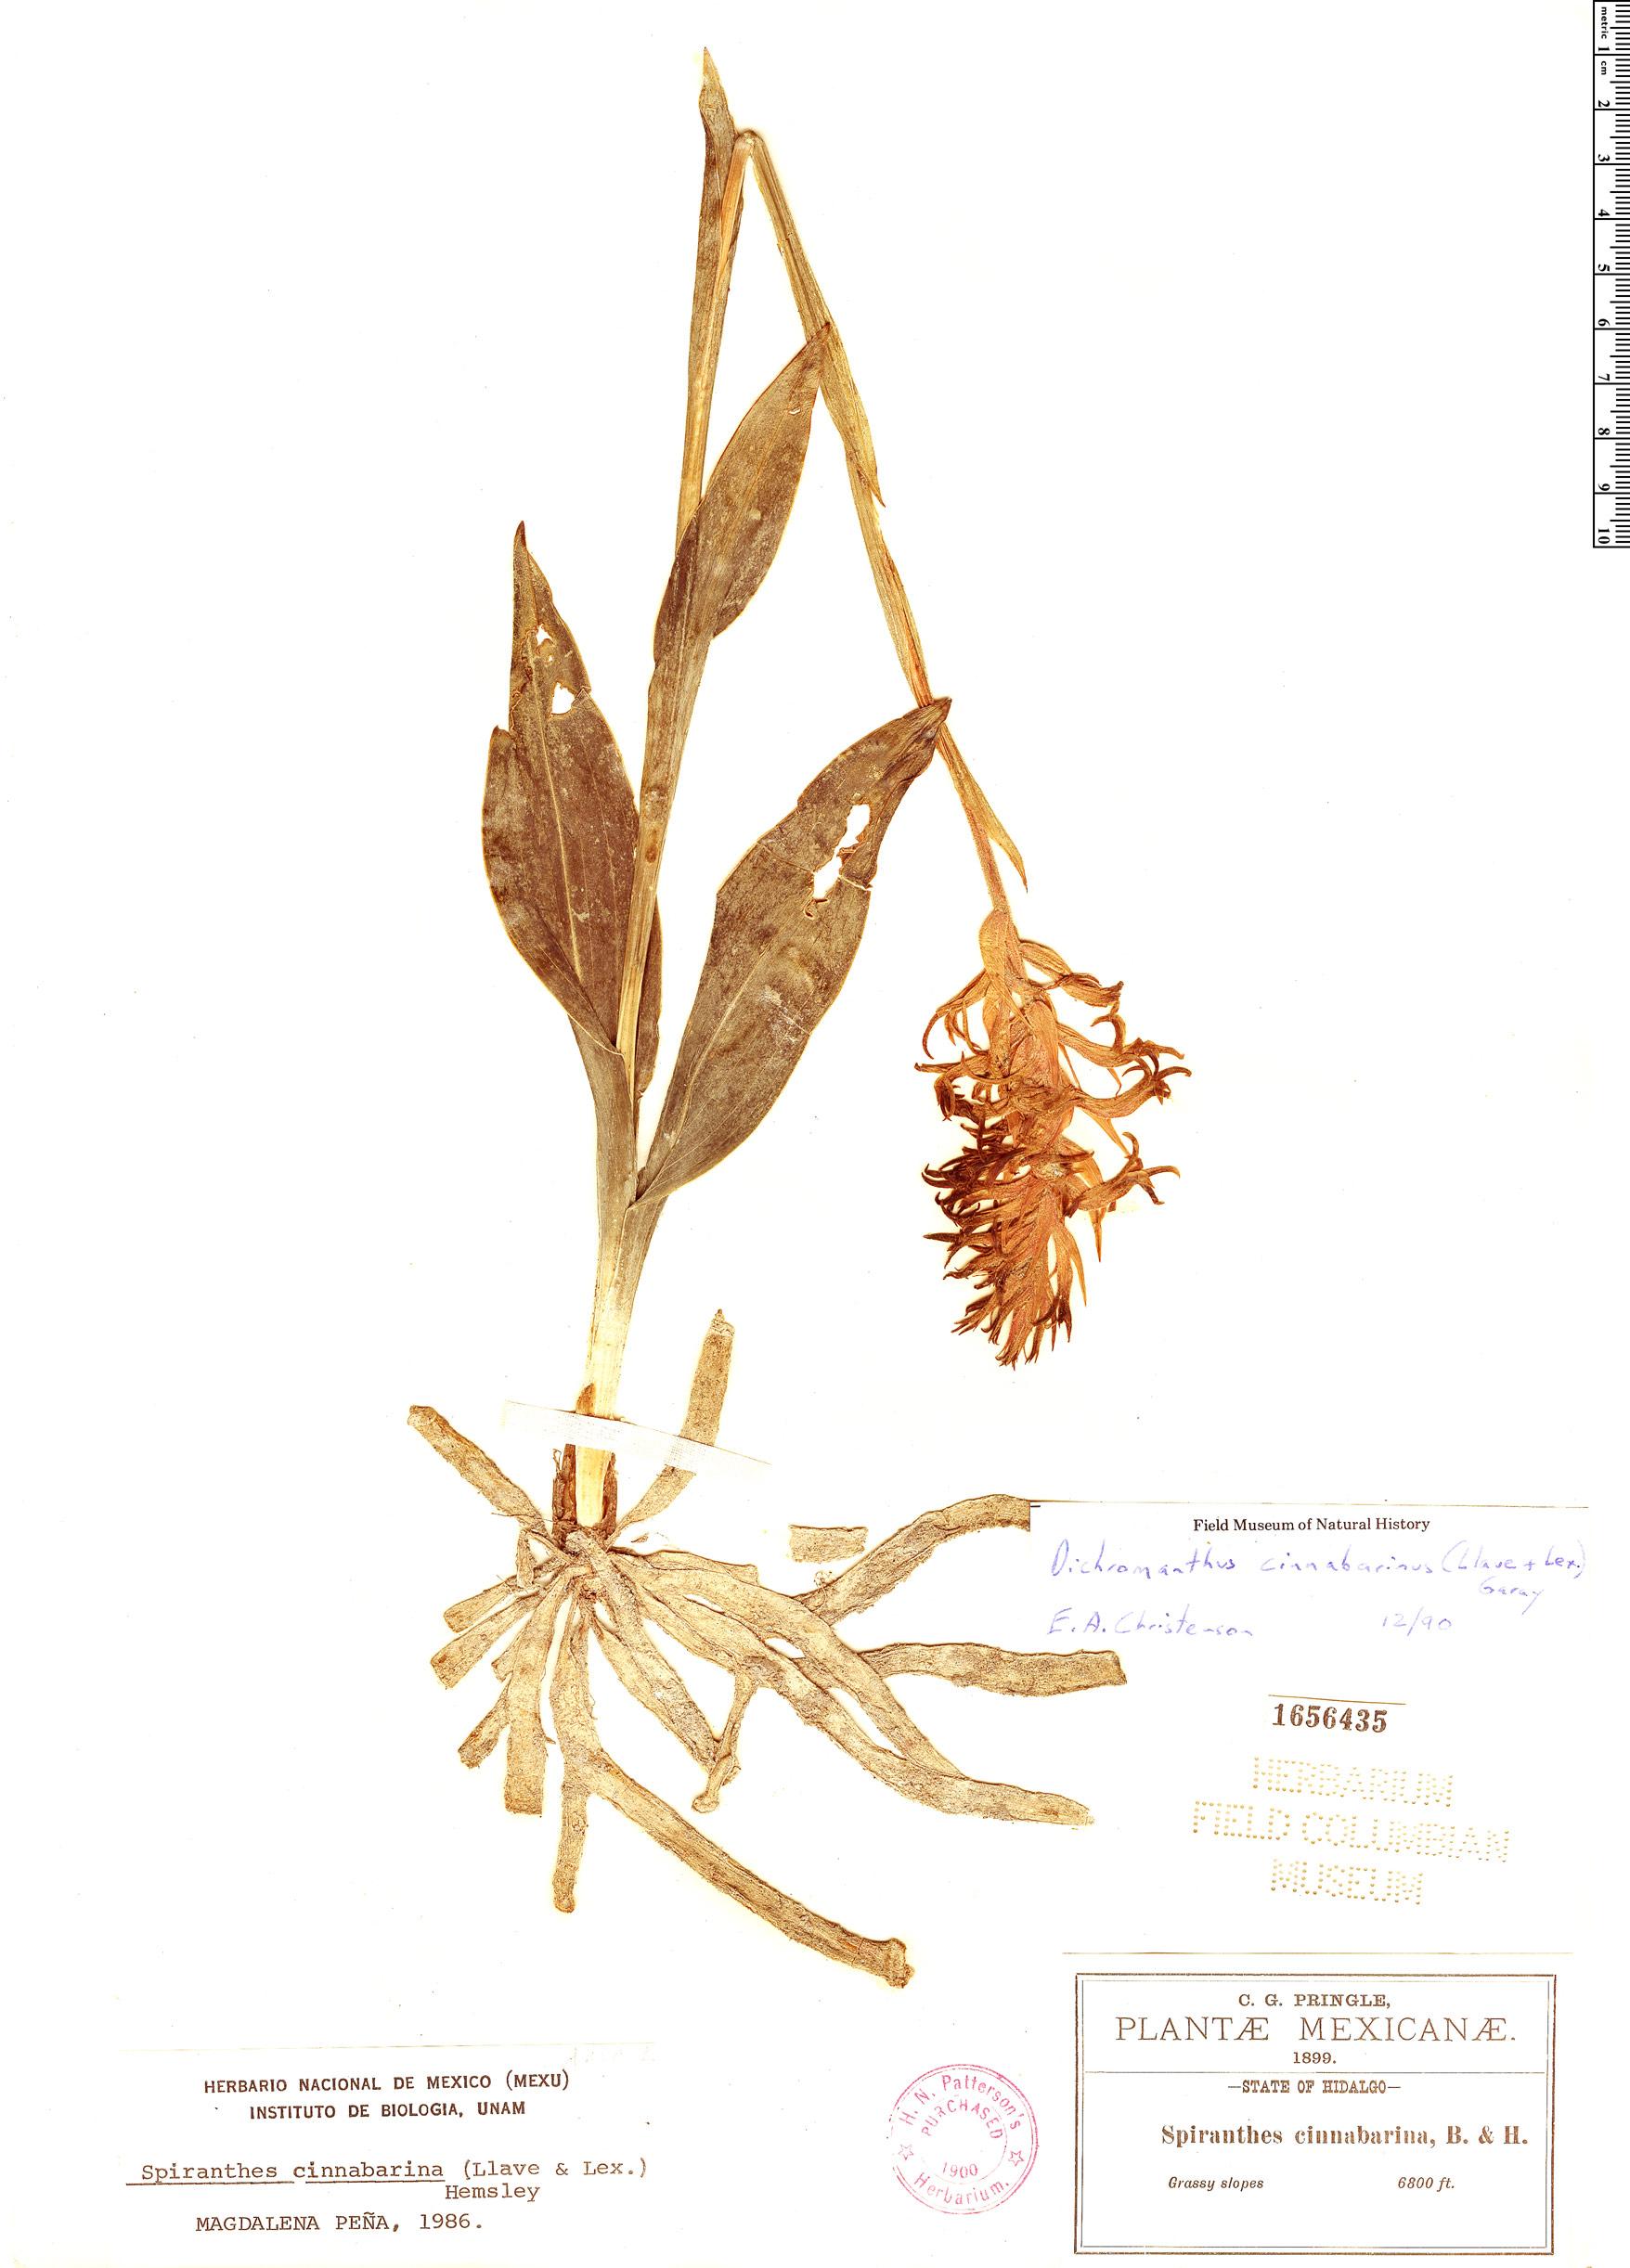 Specimen: Dichromanthus cinnabarinus